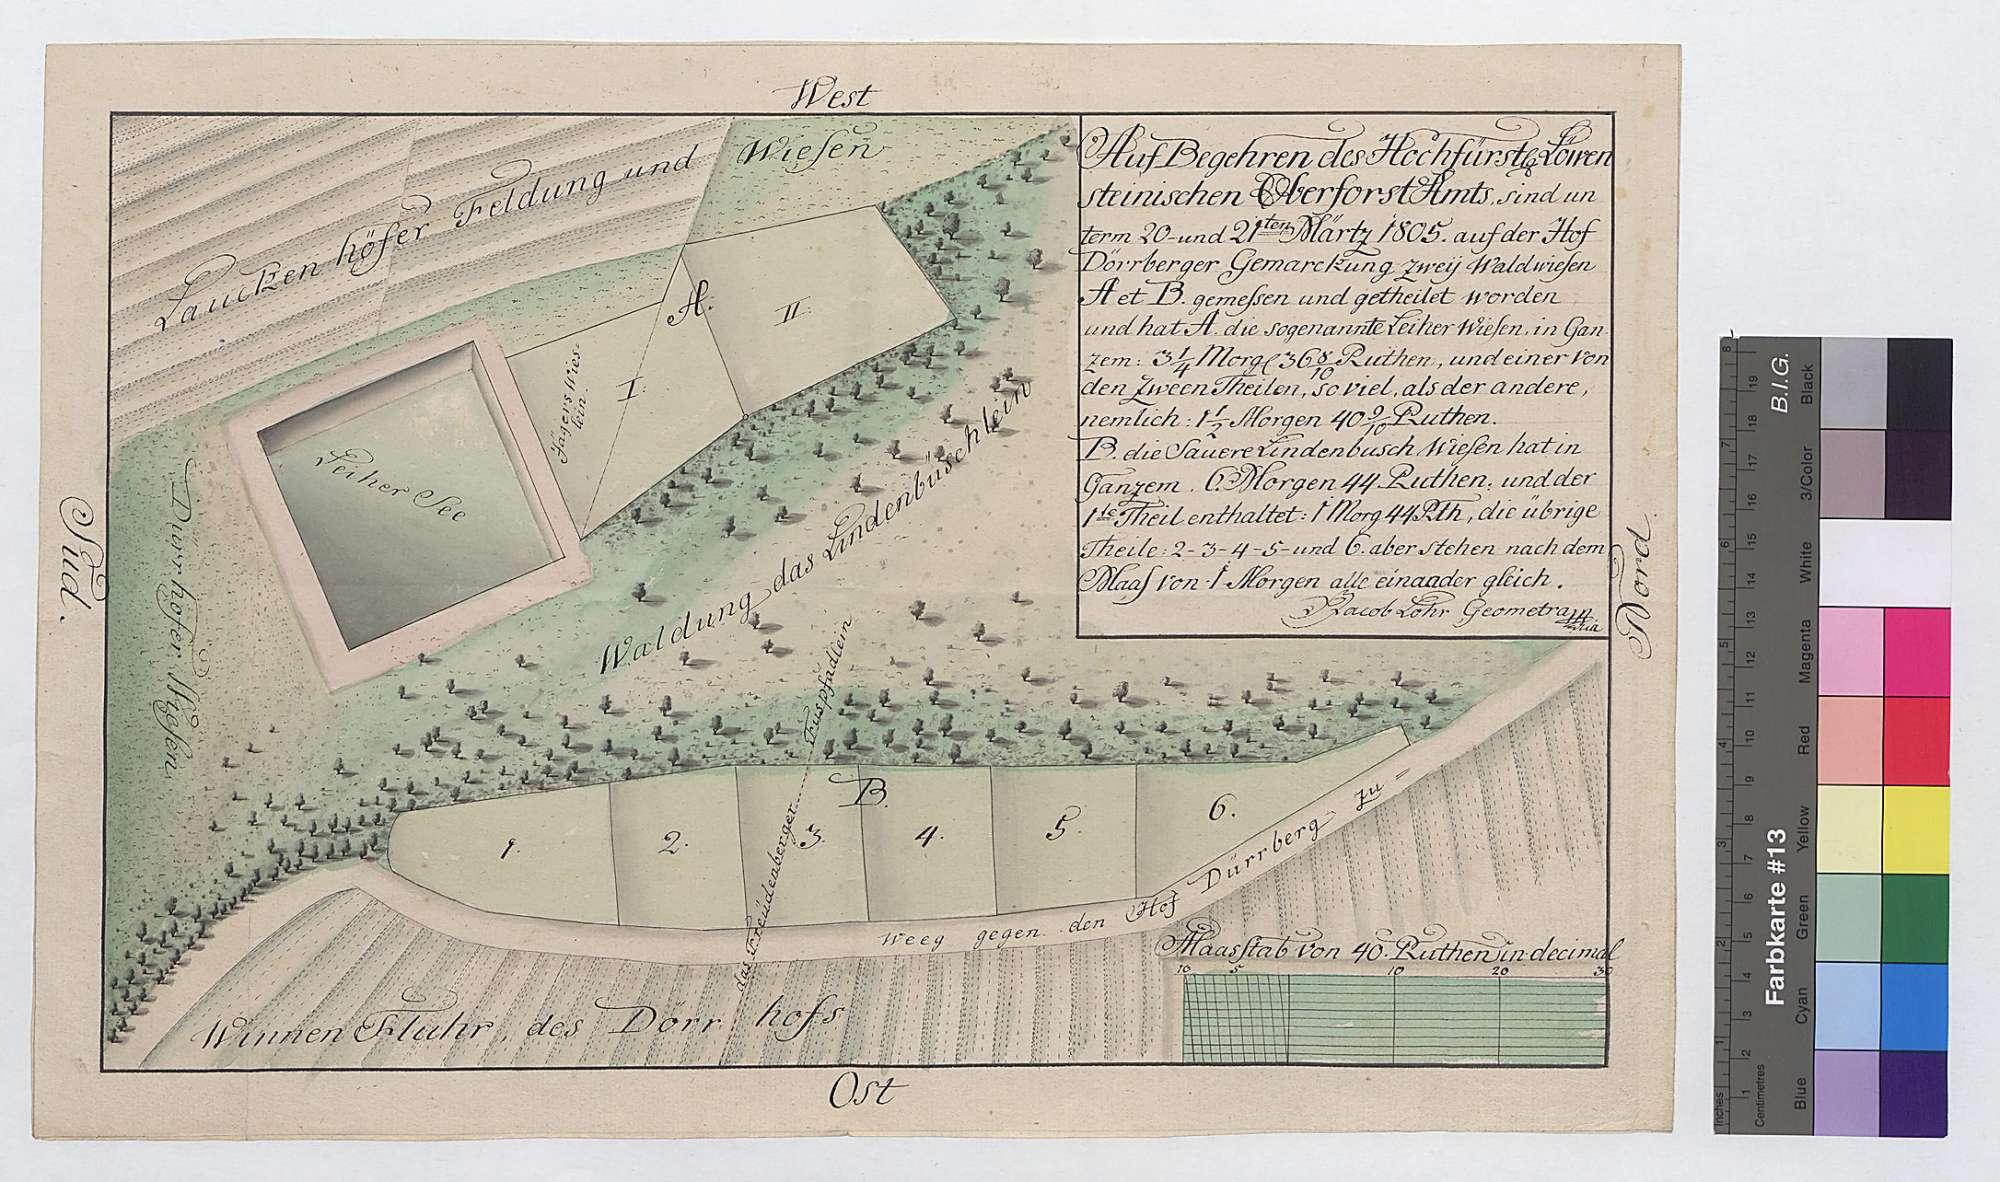 [Vermessung und Aufteilung zweier Waldwiesen, der Leiherwiese und der Saueren Lindenbuschwiese, auf Dürrhöfer Gemarkung], Bild 1